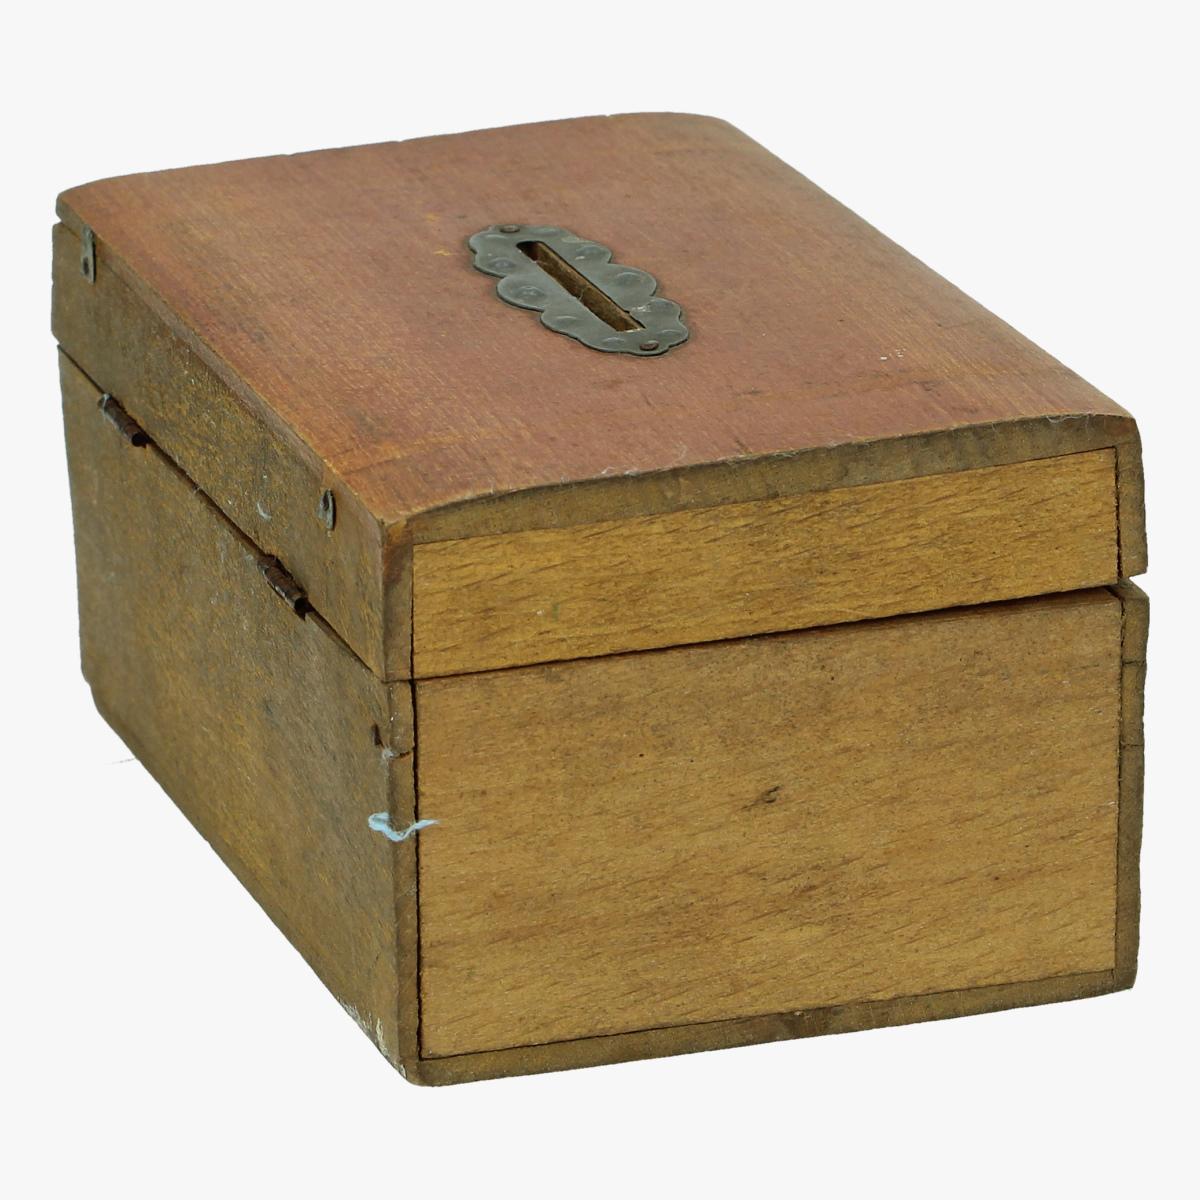 Afbeeldingen van spaardoosje hout